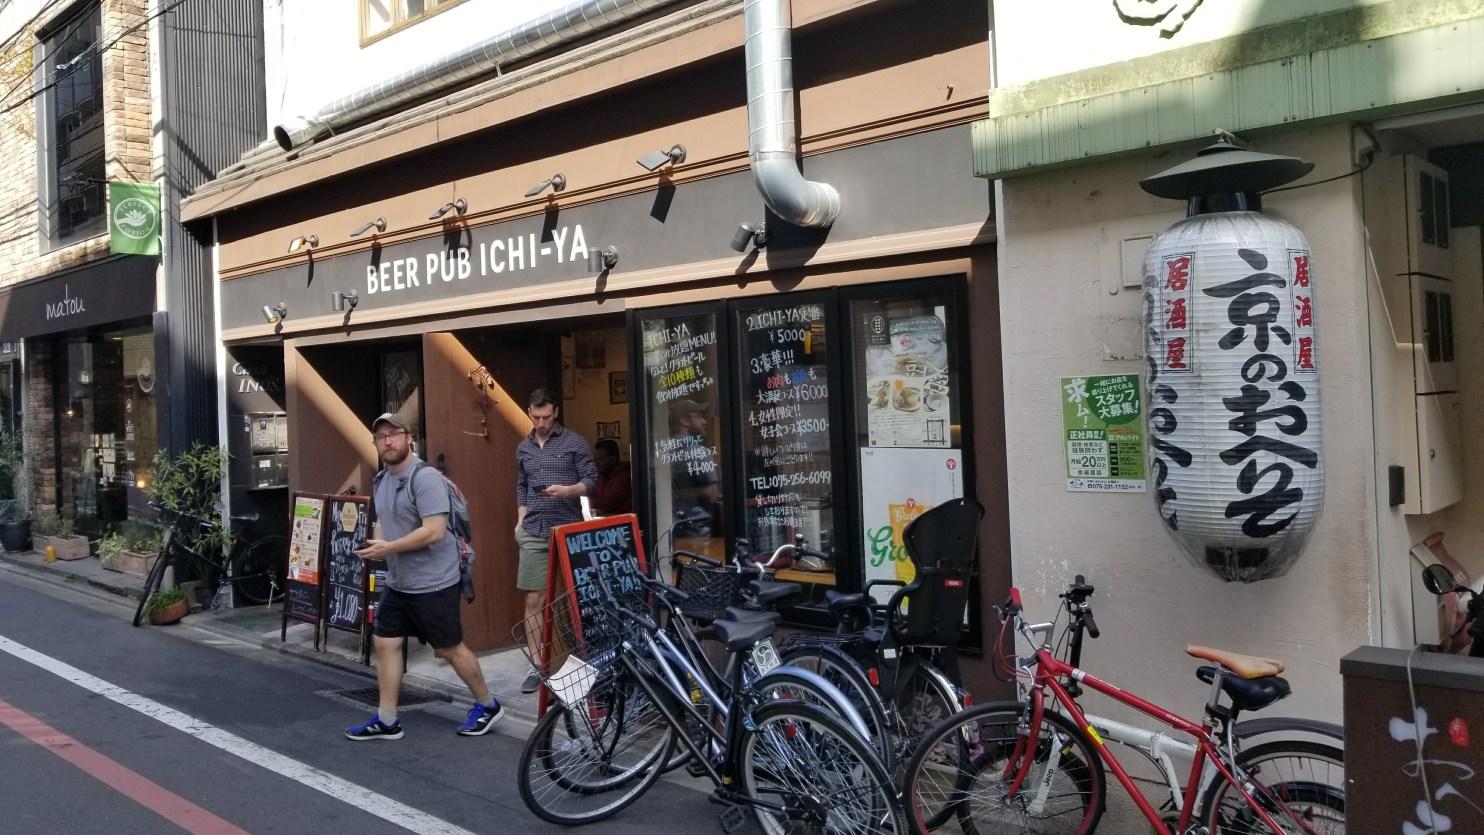 Beer Pub Ichi-ya Front